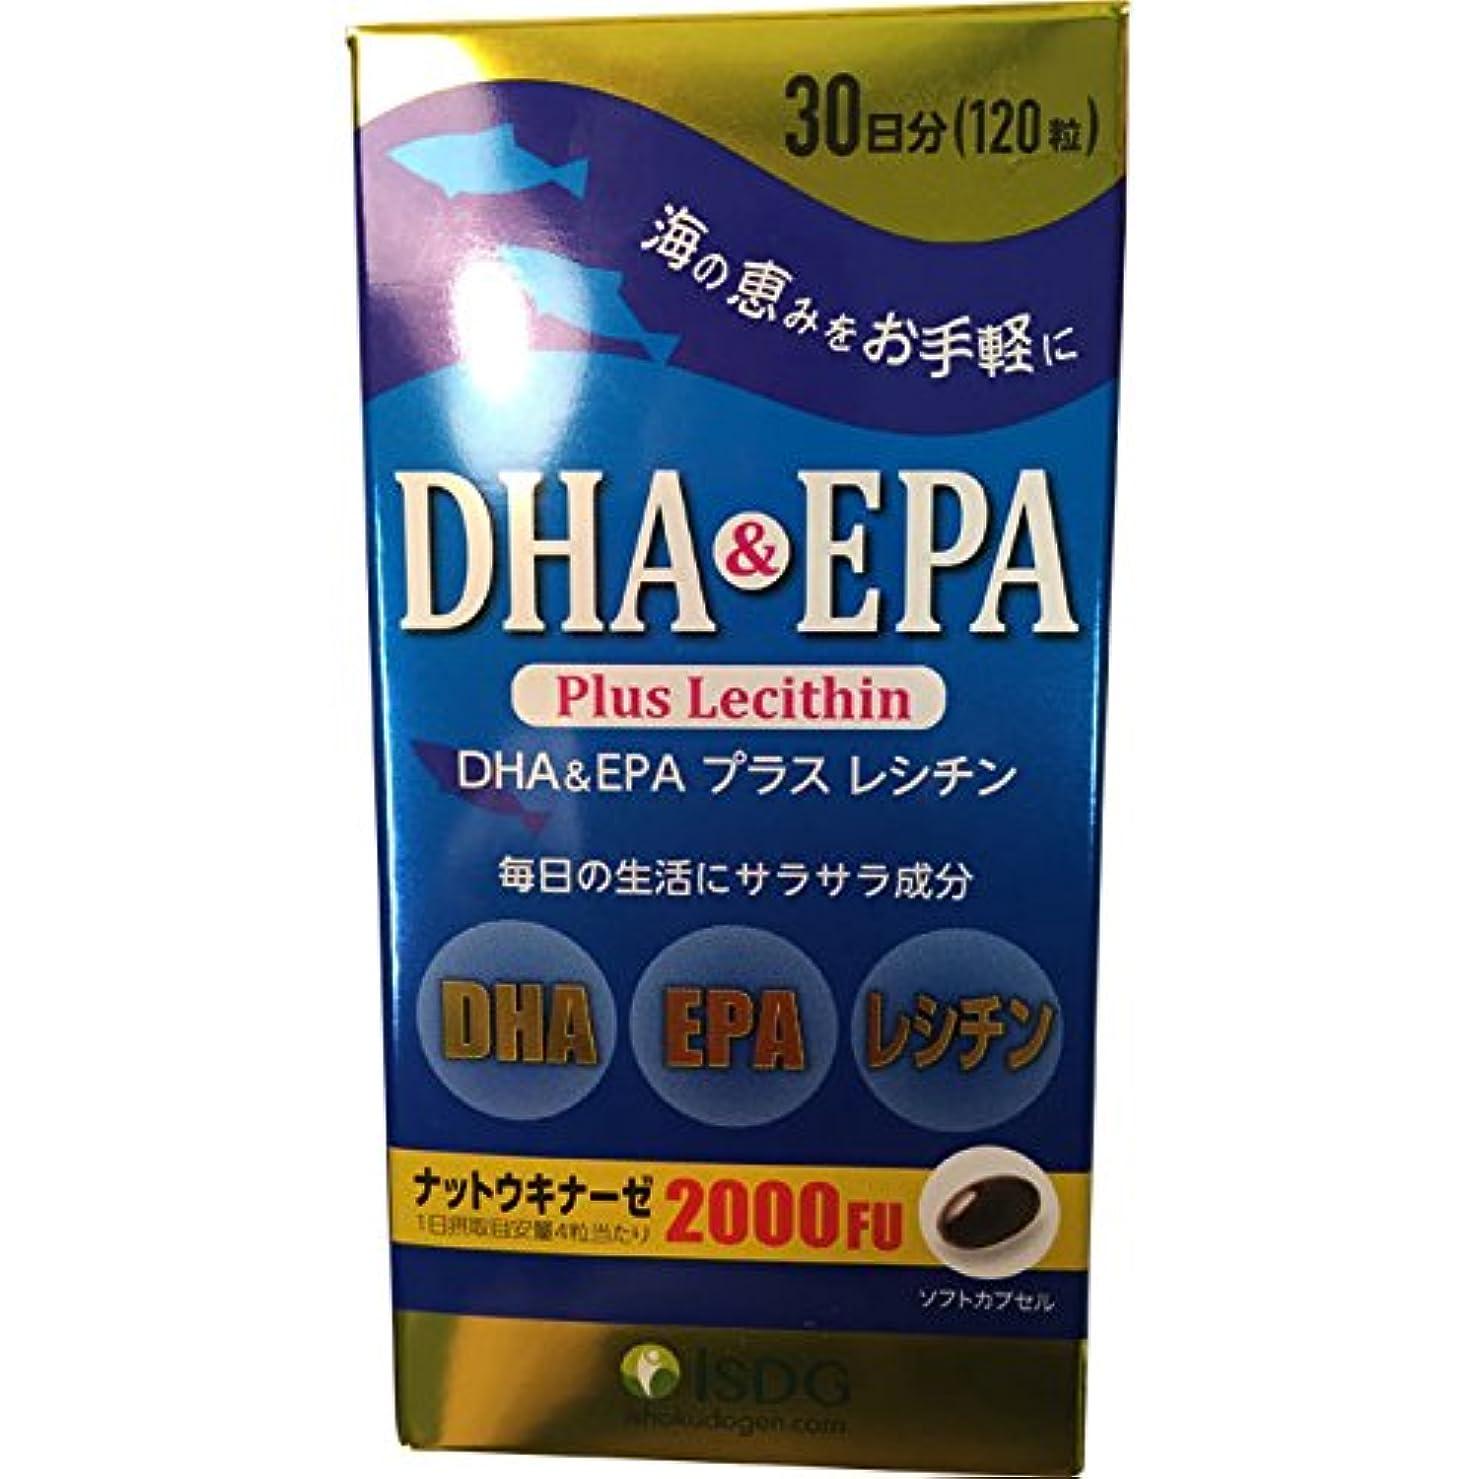 哲学者シーボードとは異なりウェルパーク DHA&EPA Plus 64.8g(540mg×120粒)